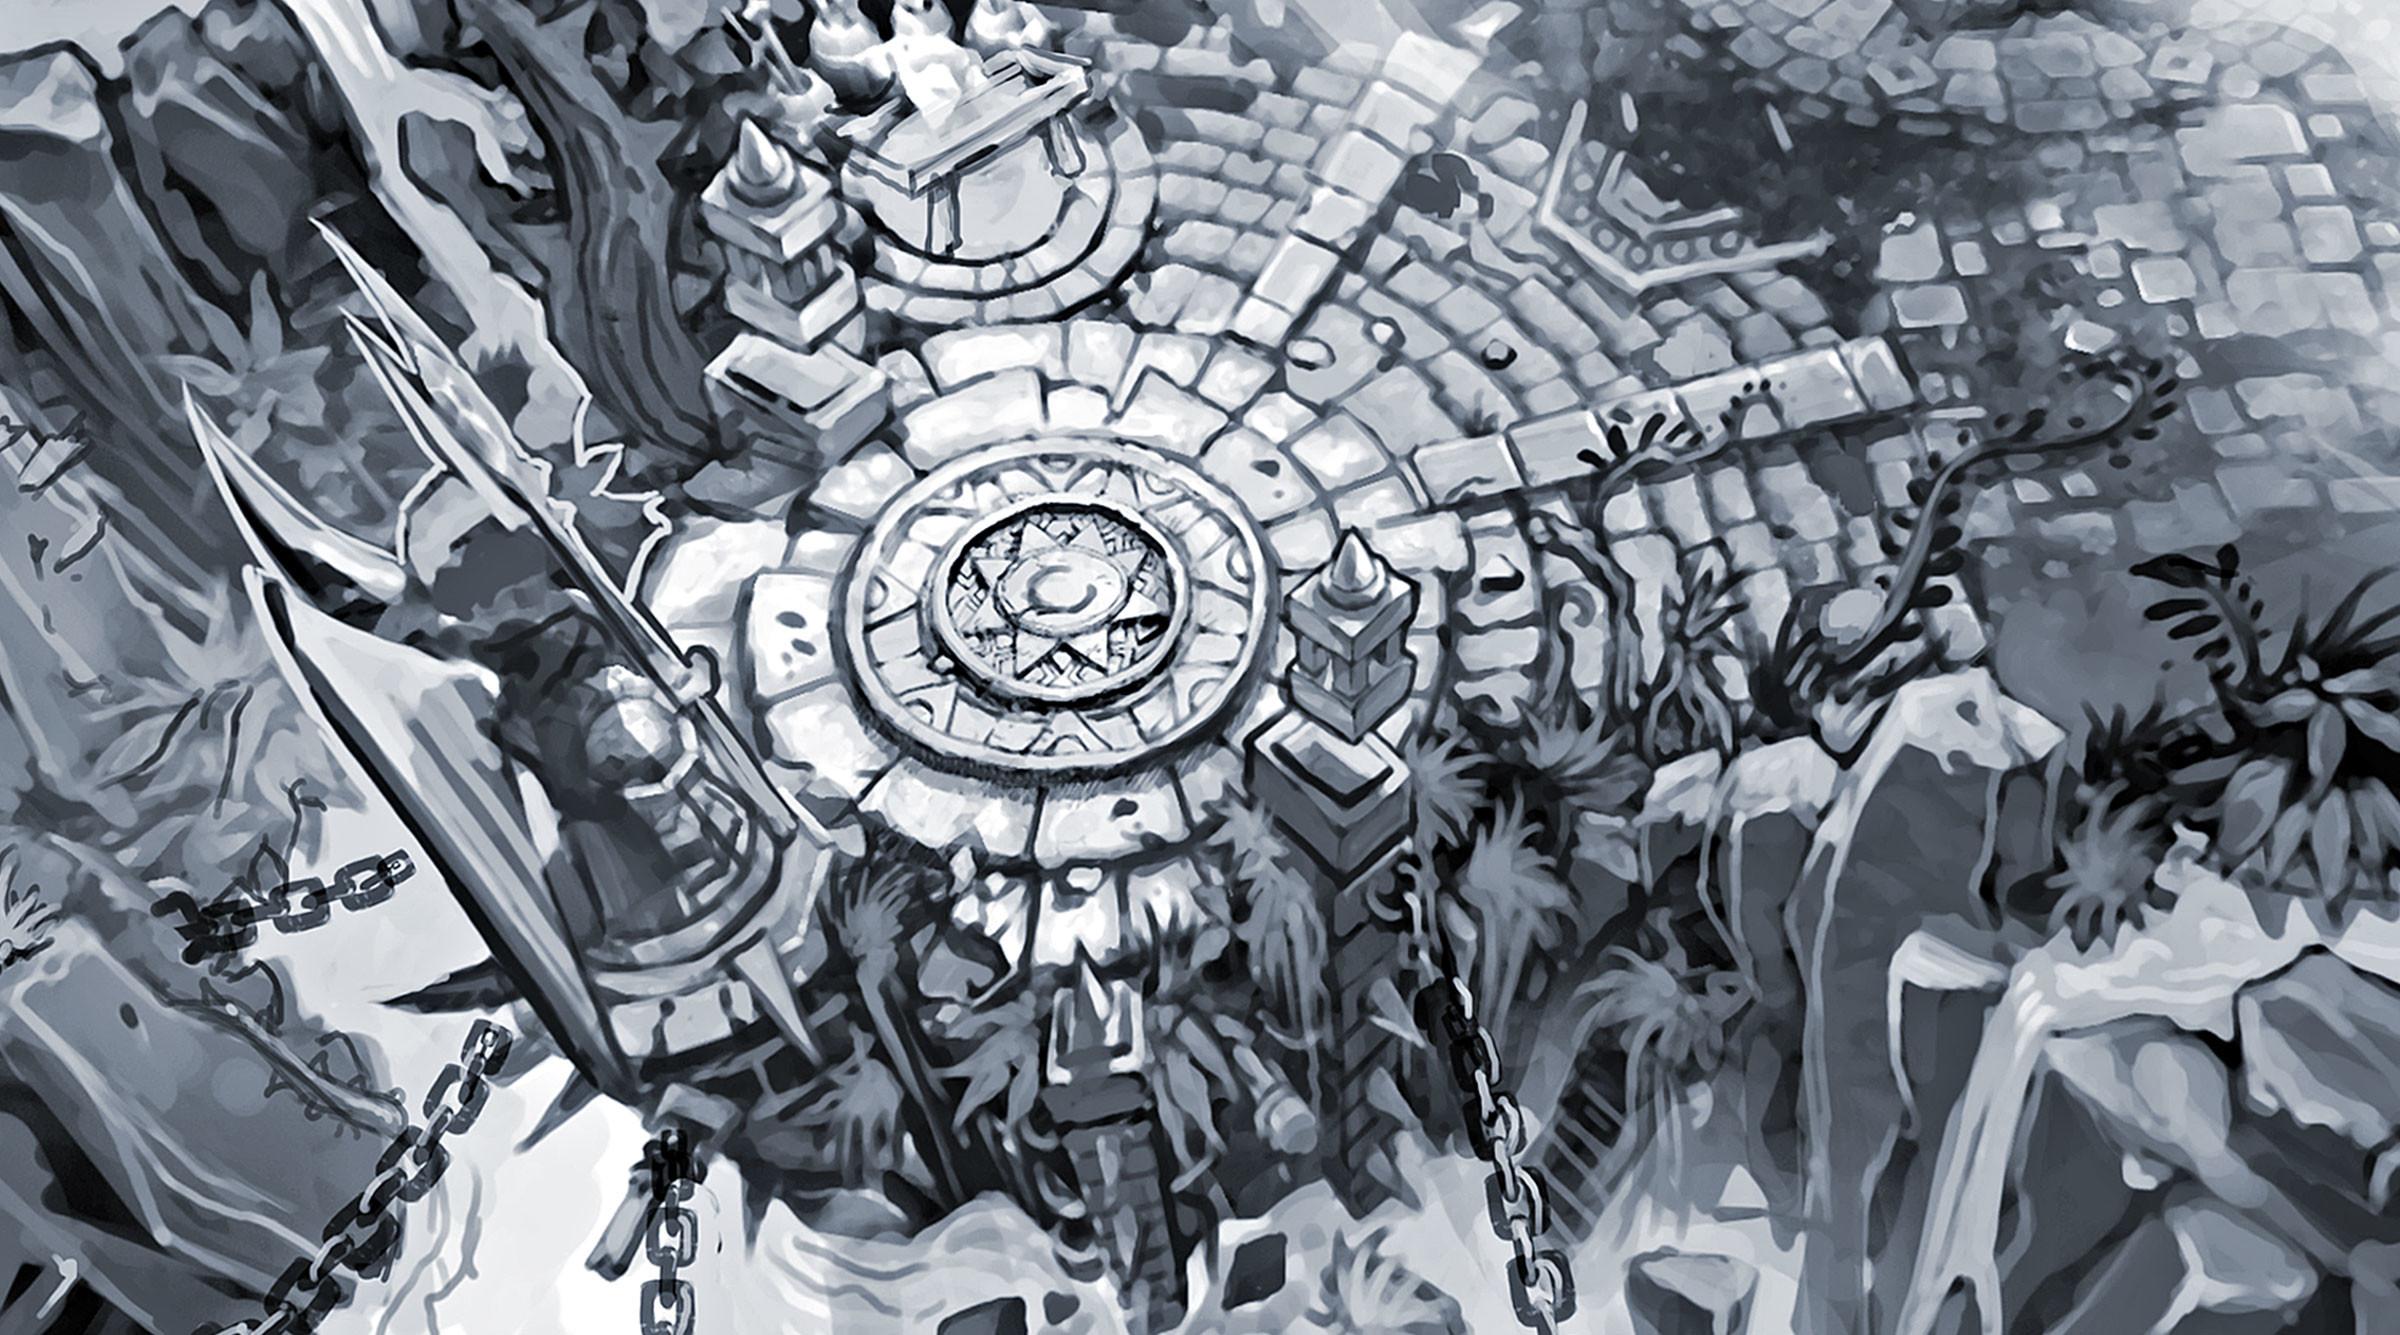 Summoners Rift Blue Base Concept Art (7) League of Legends Artwork Wallpaper  lol